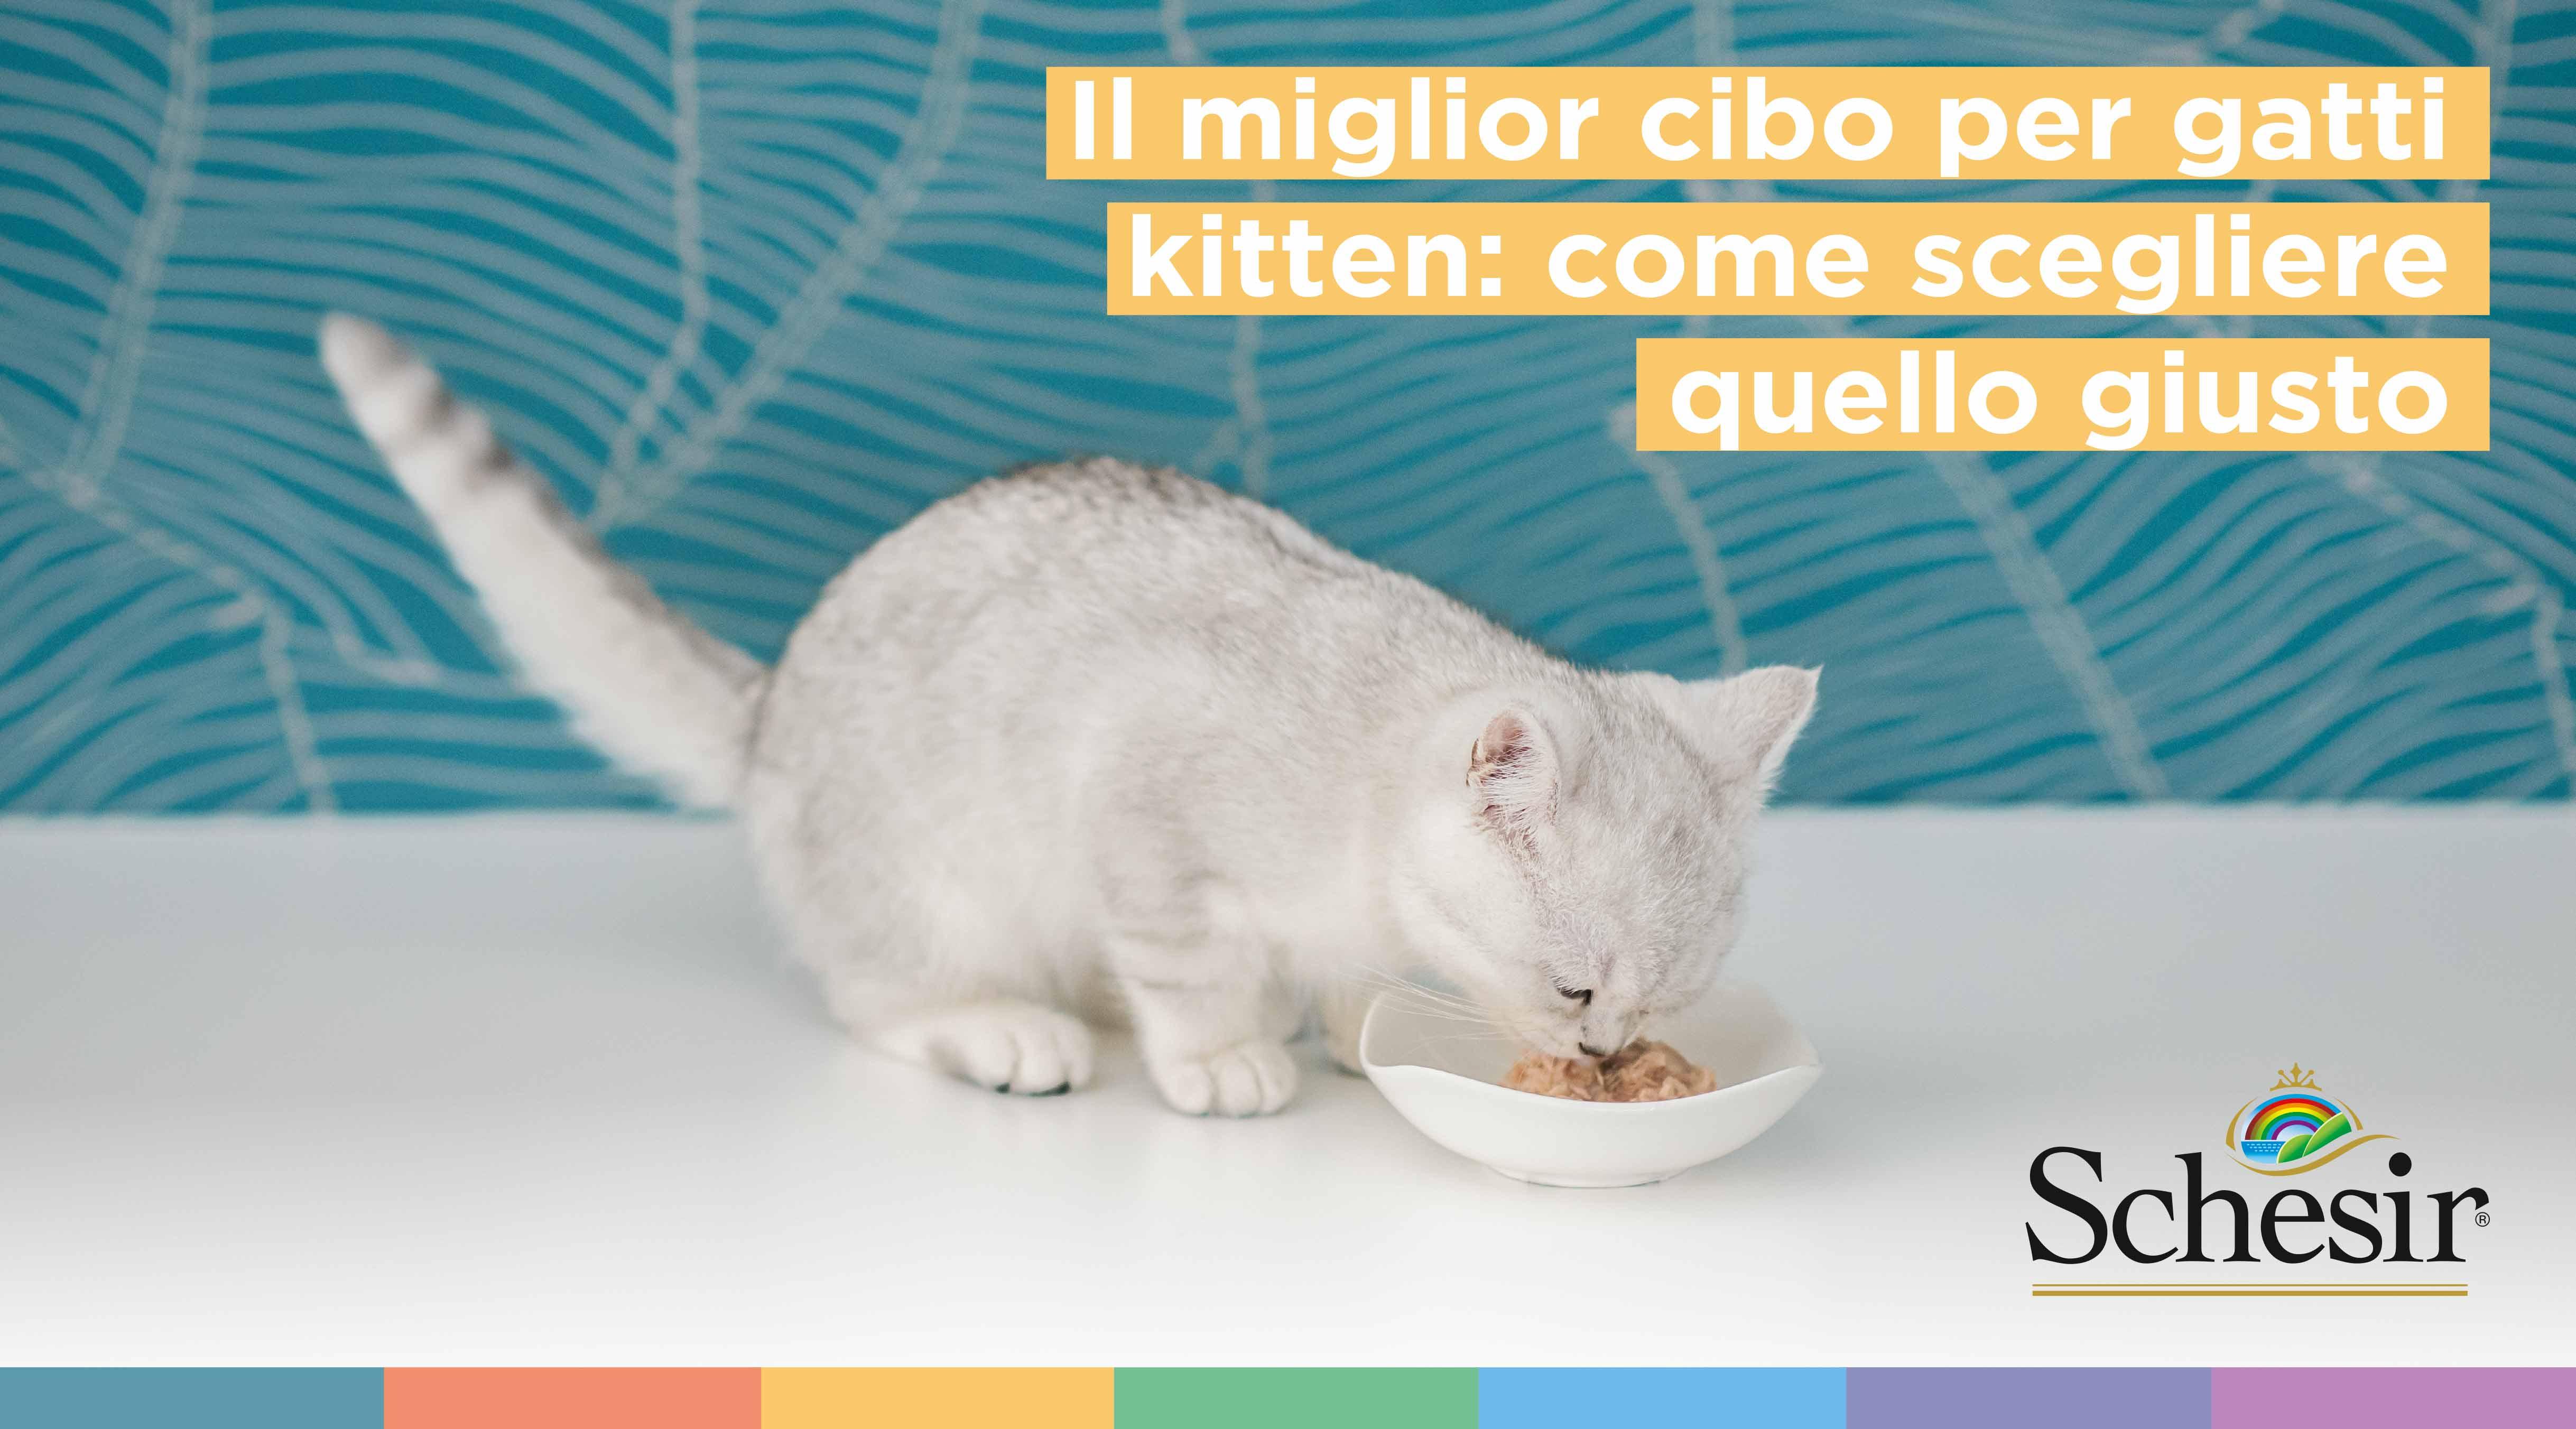 Il miglior cibo per gatti kitten: come scegliere quello giusto, Schesir